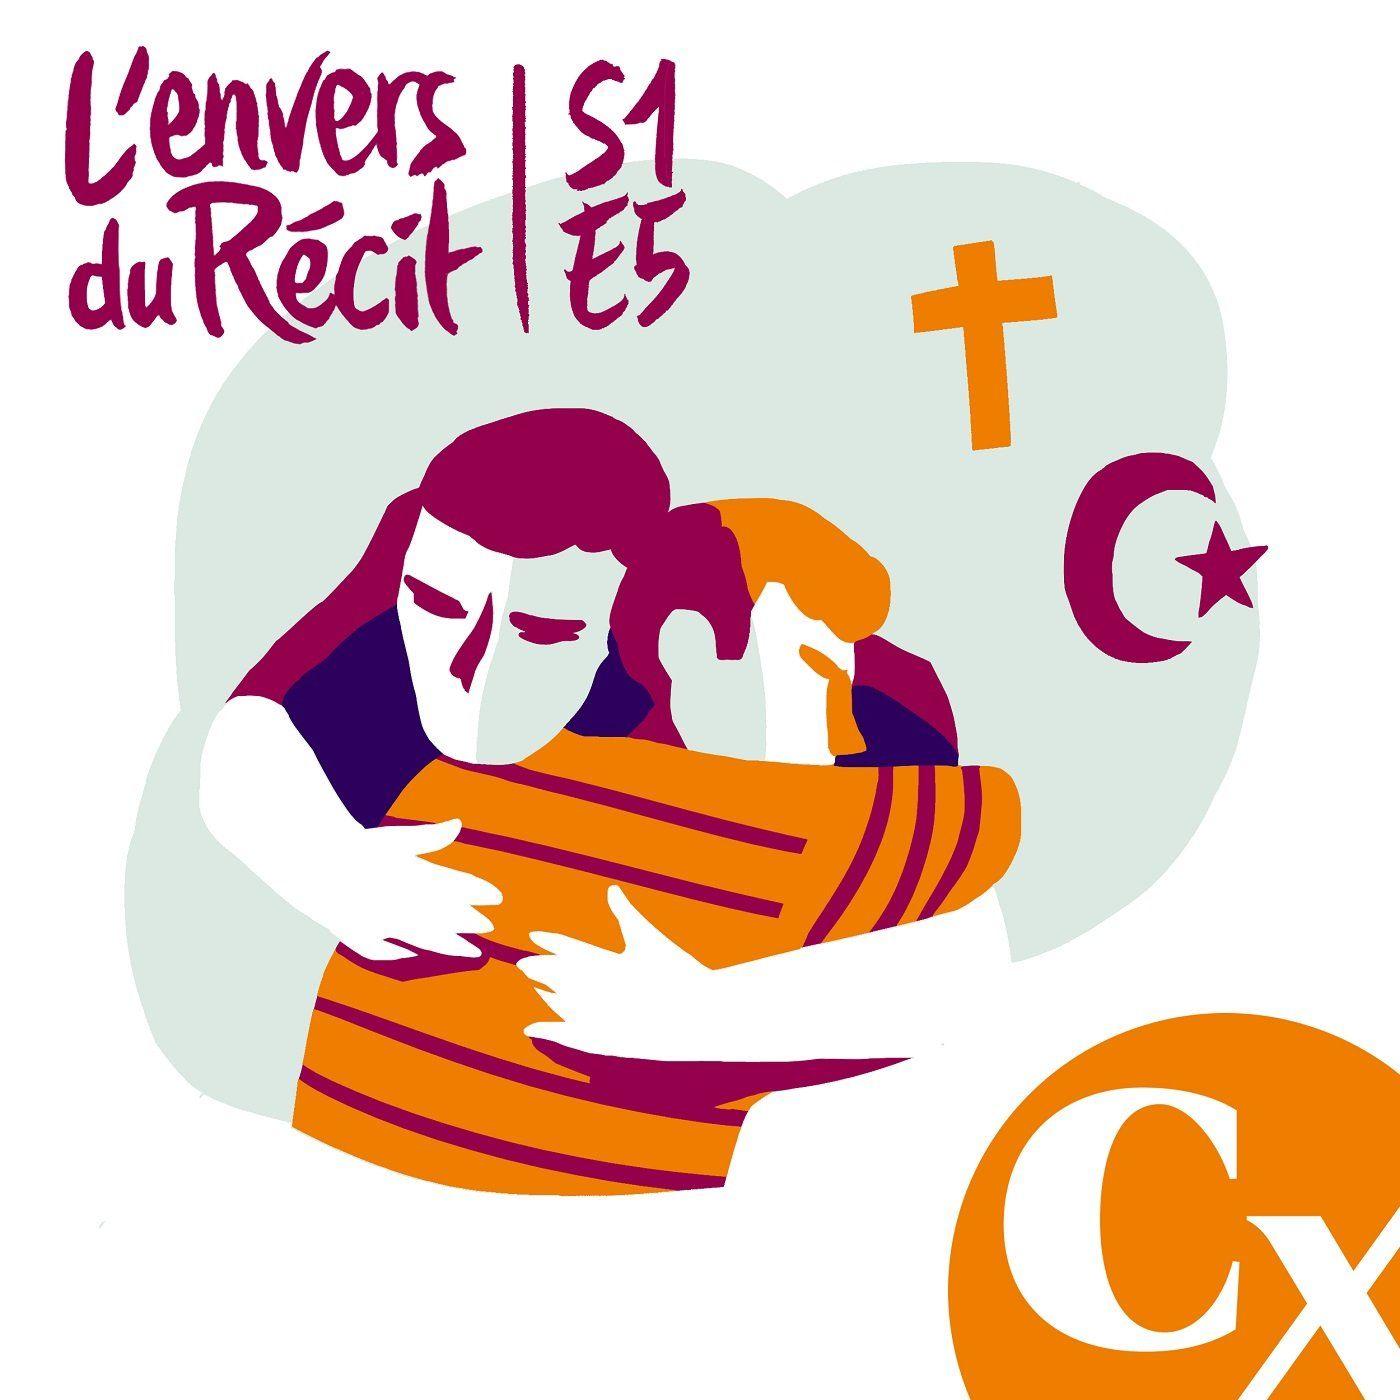 """""""Thomas et Benoît, les convertis du 13 novembre"""" - Samuel Lieven - S1E5"""